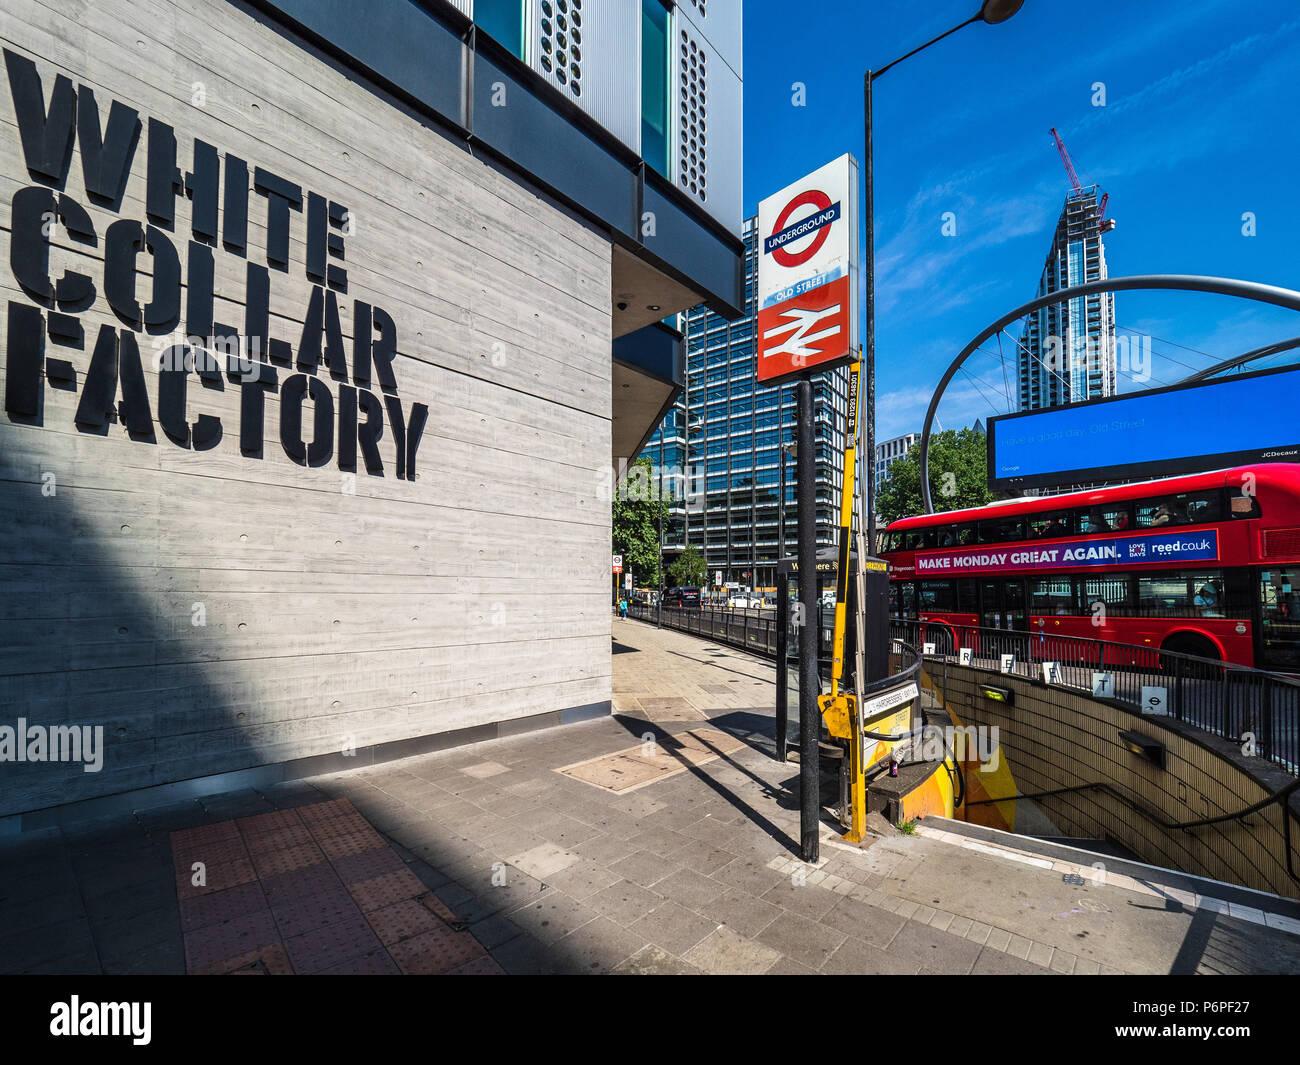 Alla rotonda di silicio Londra - Collare bianco edificio in fabbrica su London's Old Street rotonda, London's Tech Hub in Shoreditch est di Londra. Immagini Stock